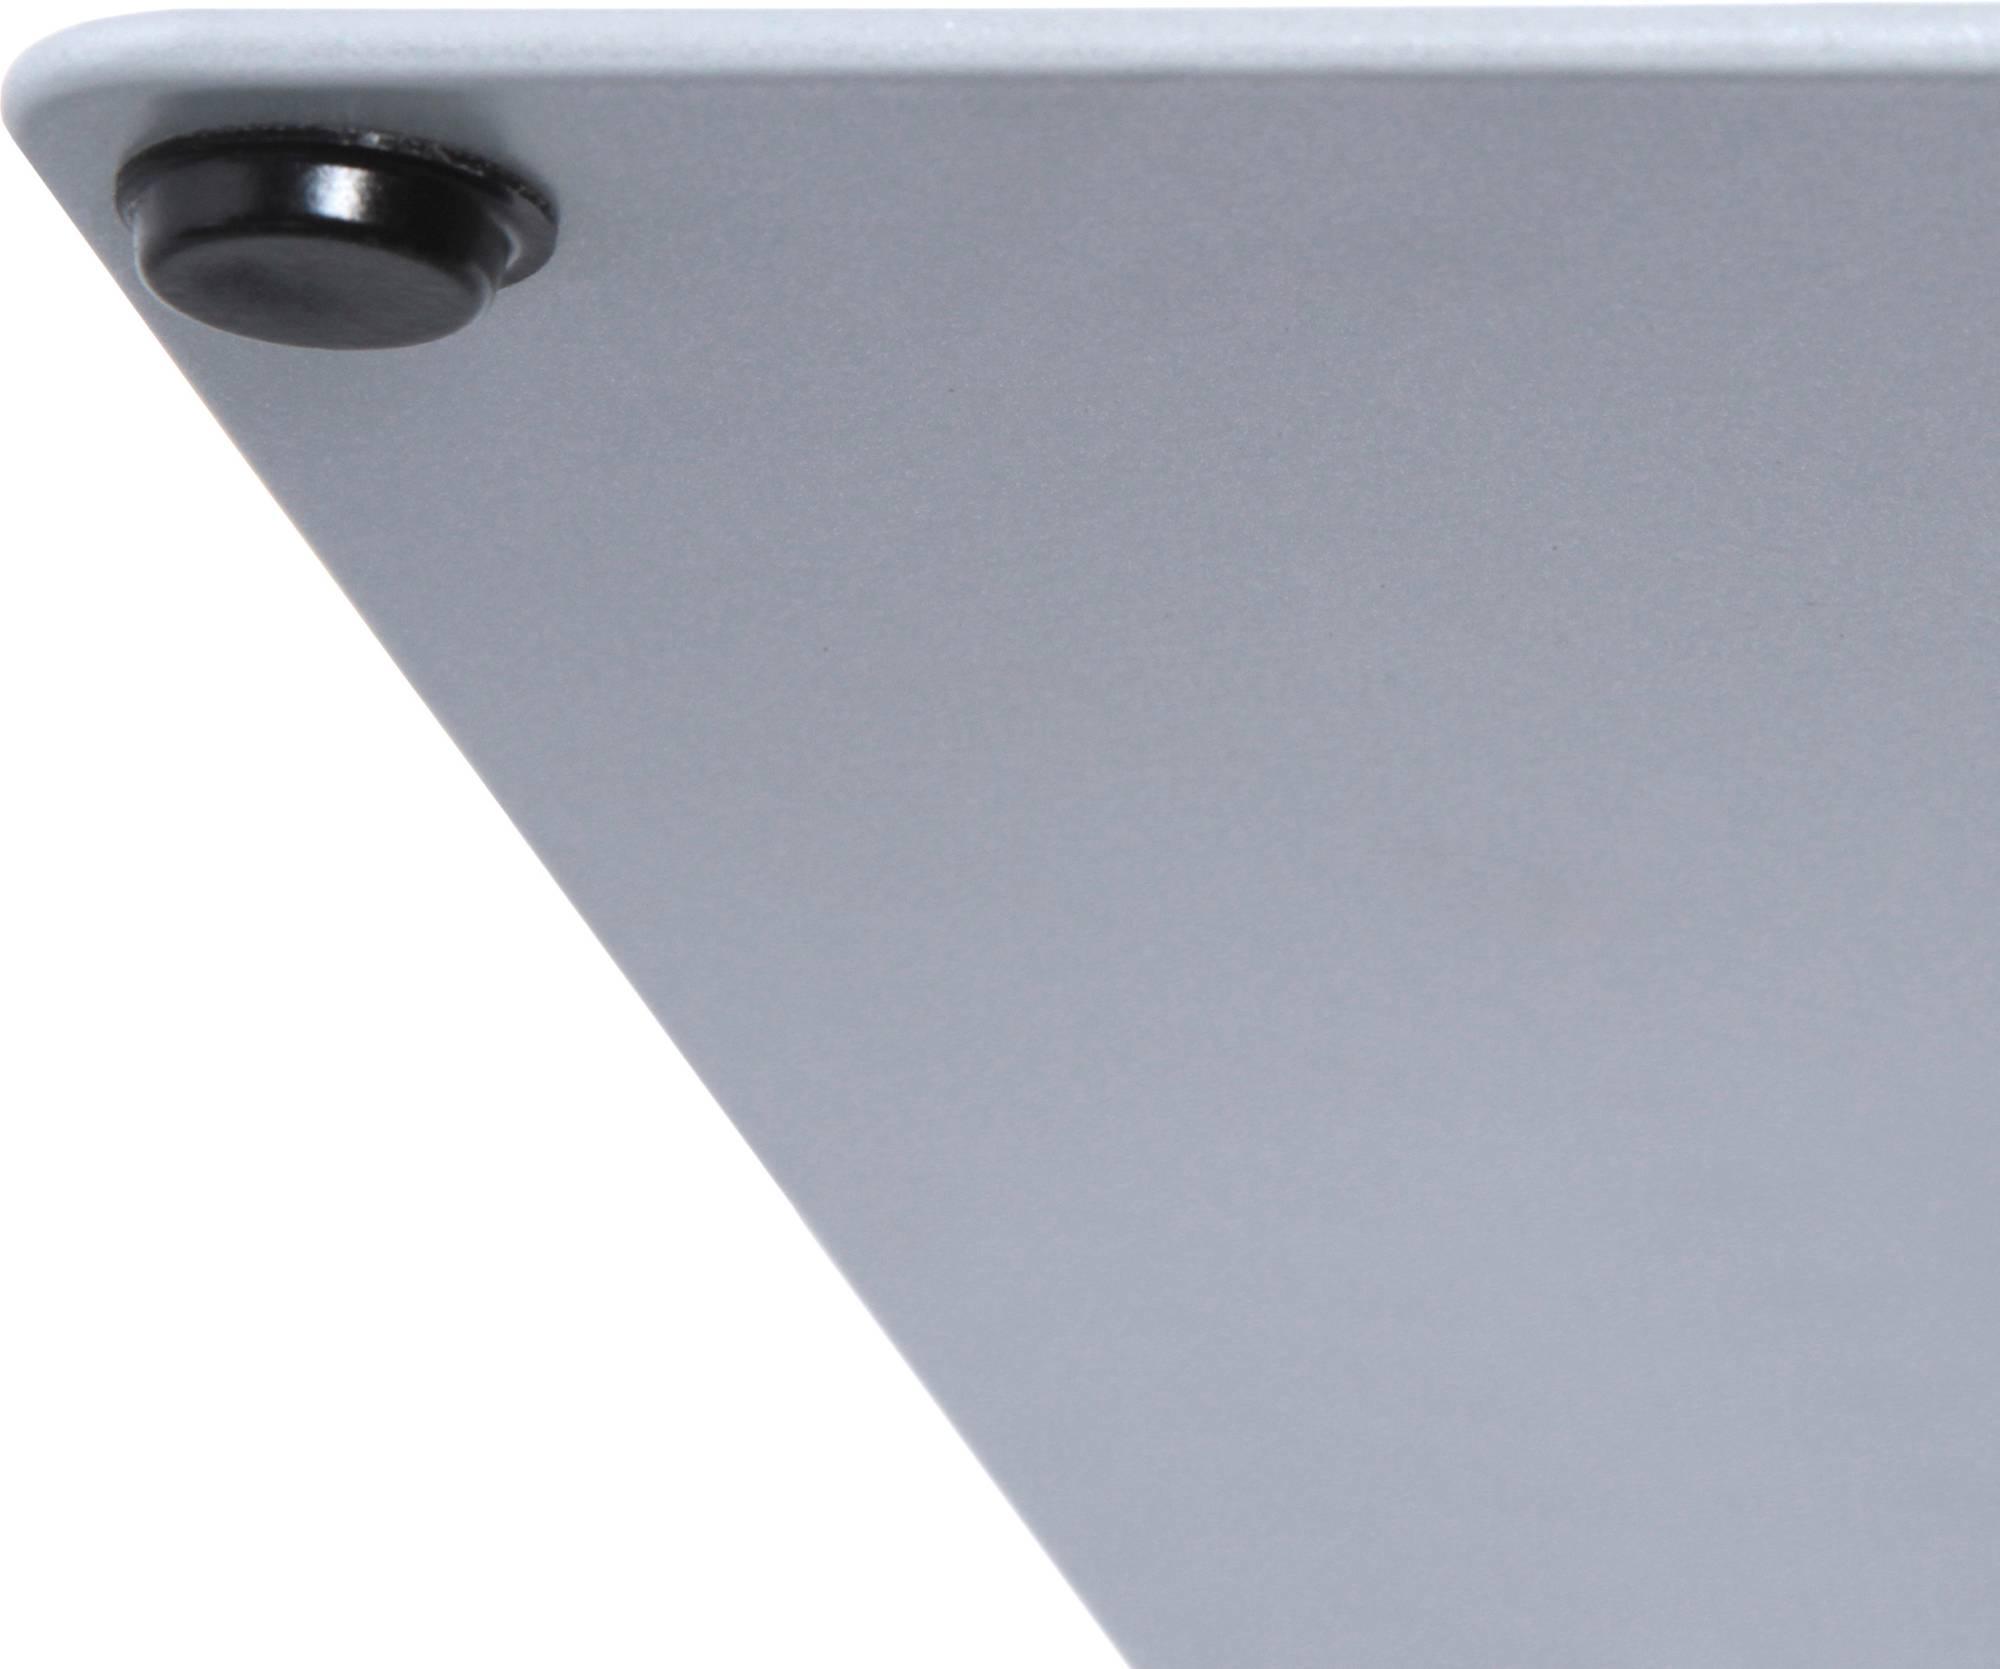 Infoständer Design COMPASSO A4, lackierte rechteckige Metallplatte mit Gummifüßen f. gute Stabilität